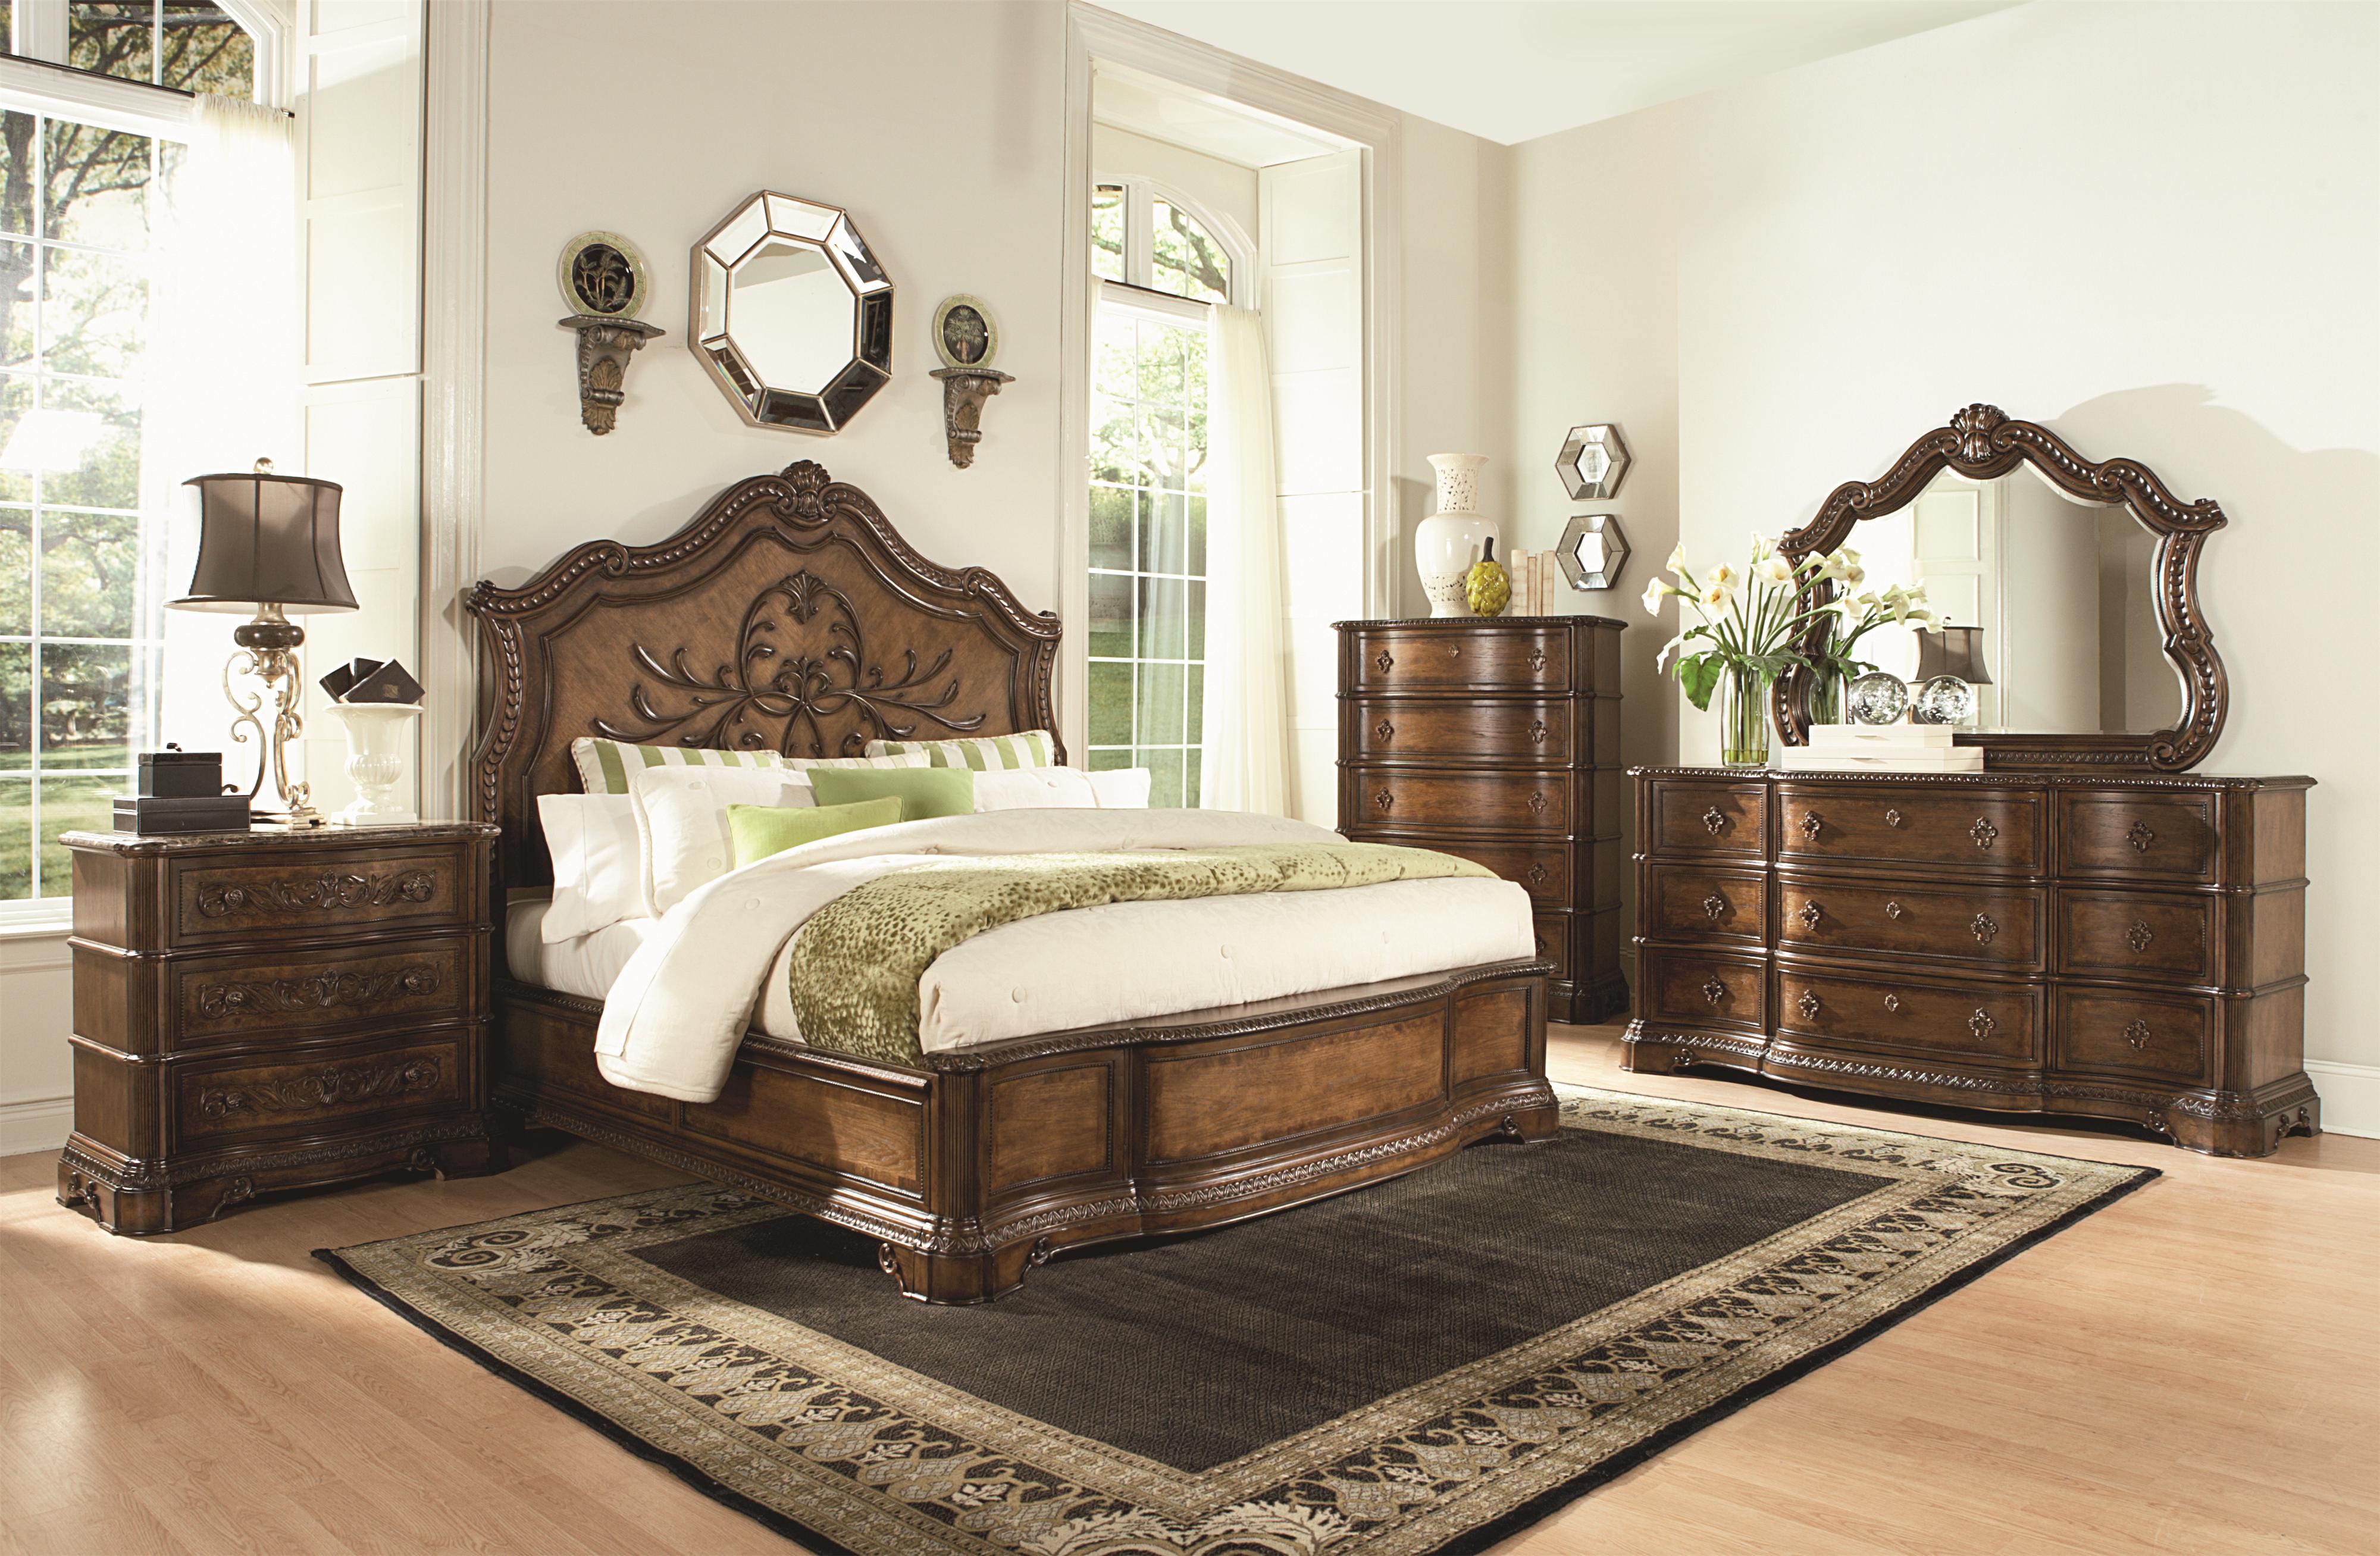 Legacy Classic Pemberleigh California King Bedroom Group - Item Number: 3100 CK Bedroom Group 2